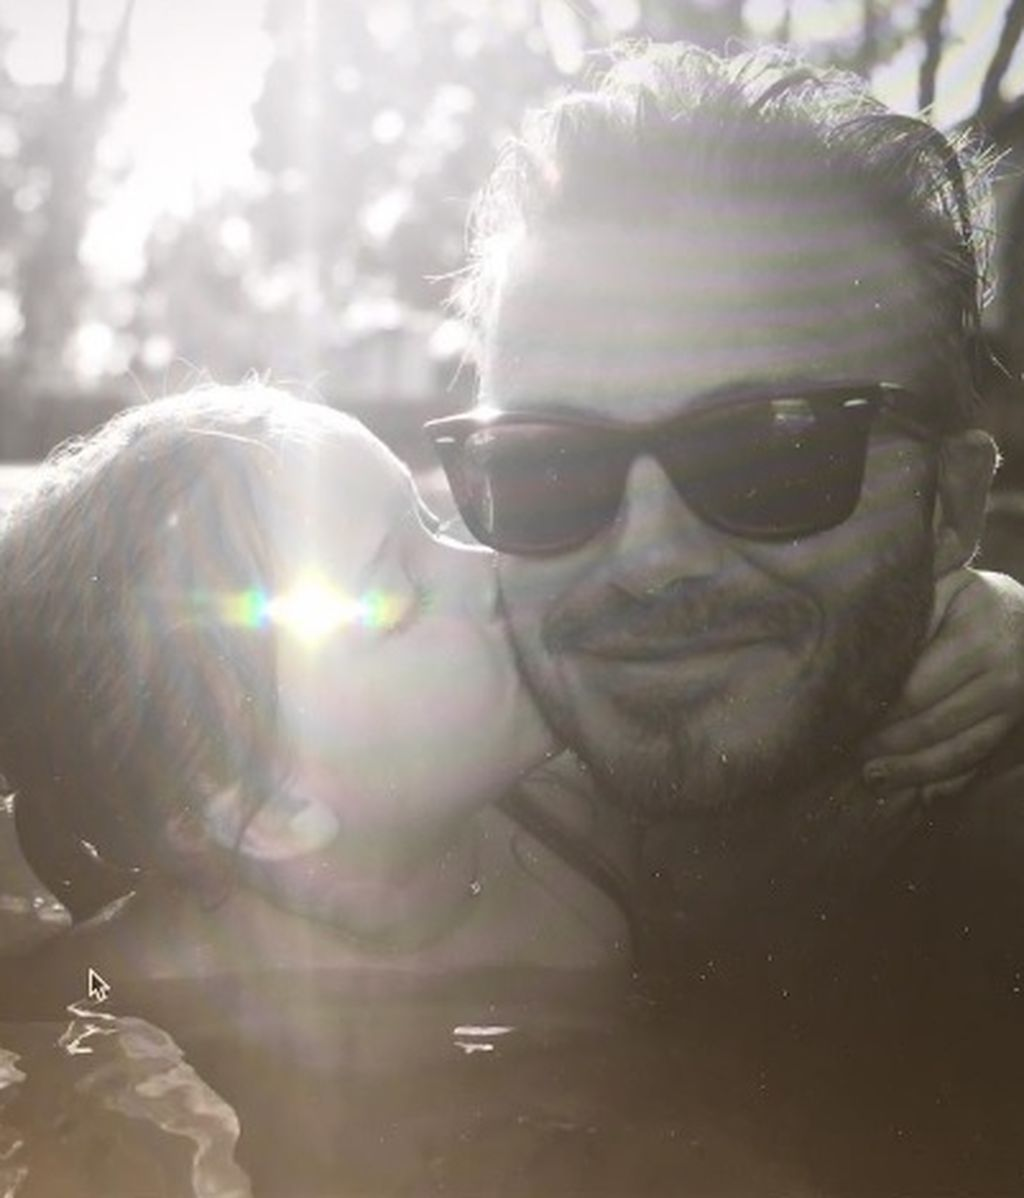 Besos y palabras de amor de los Beckham a 'baby' Harper: ¡cumple 5 años!